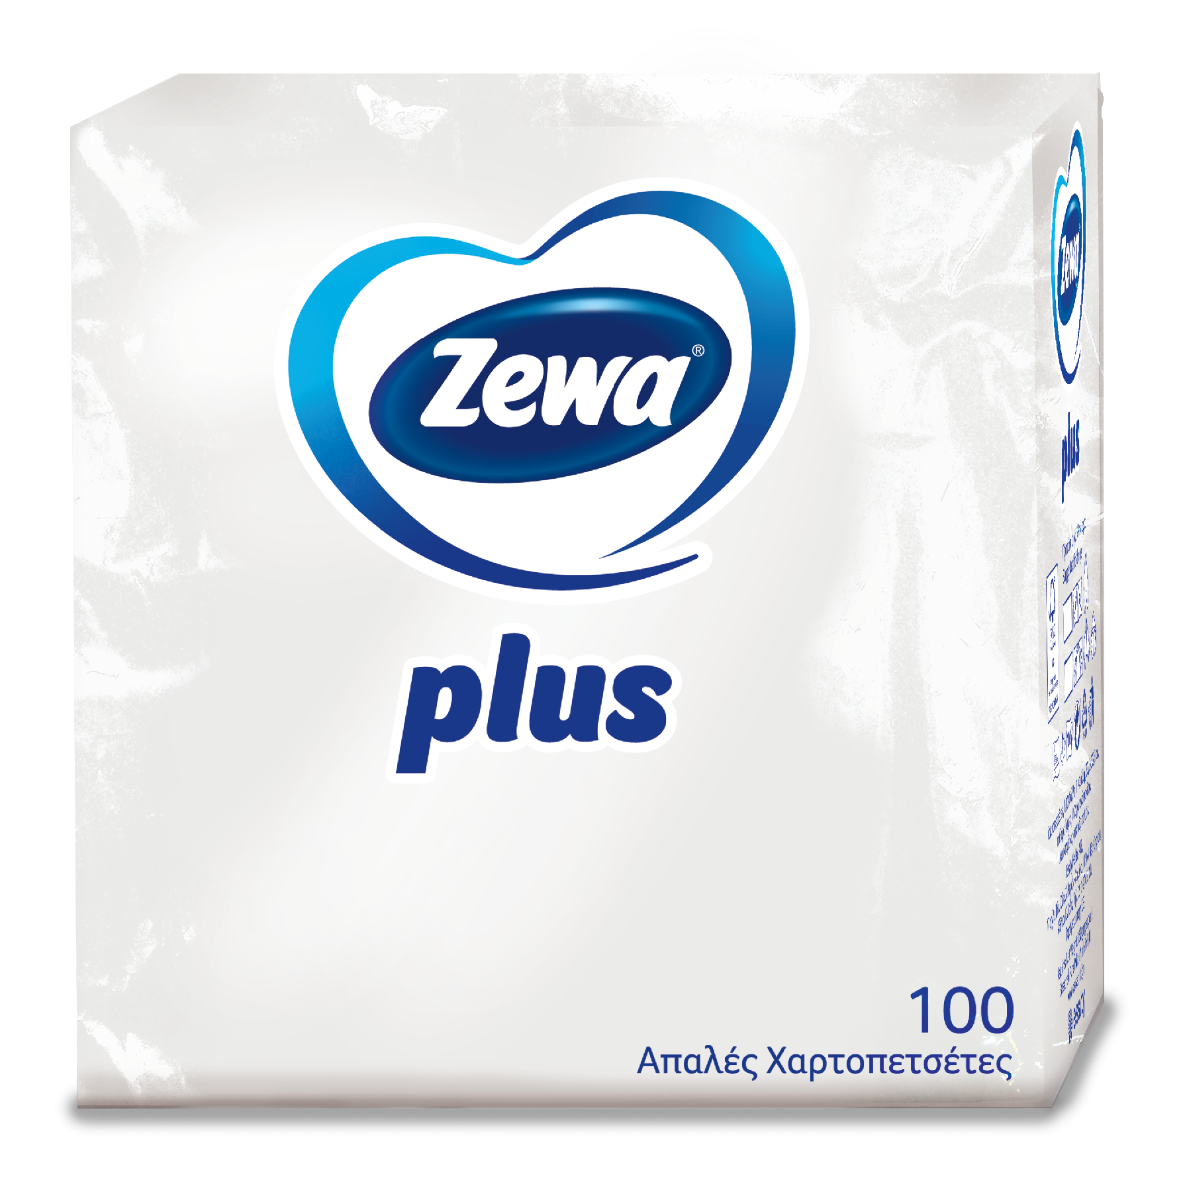 Χαρτοπετσέτες Zewa Plus λευκές 1φυλλες 100τμχ